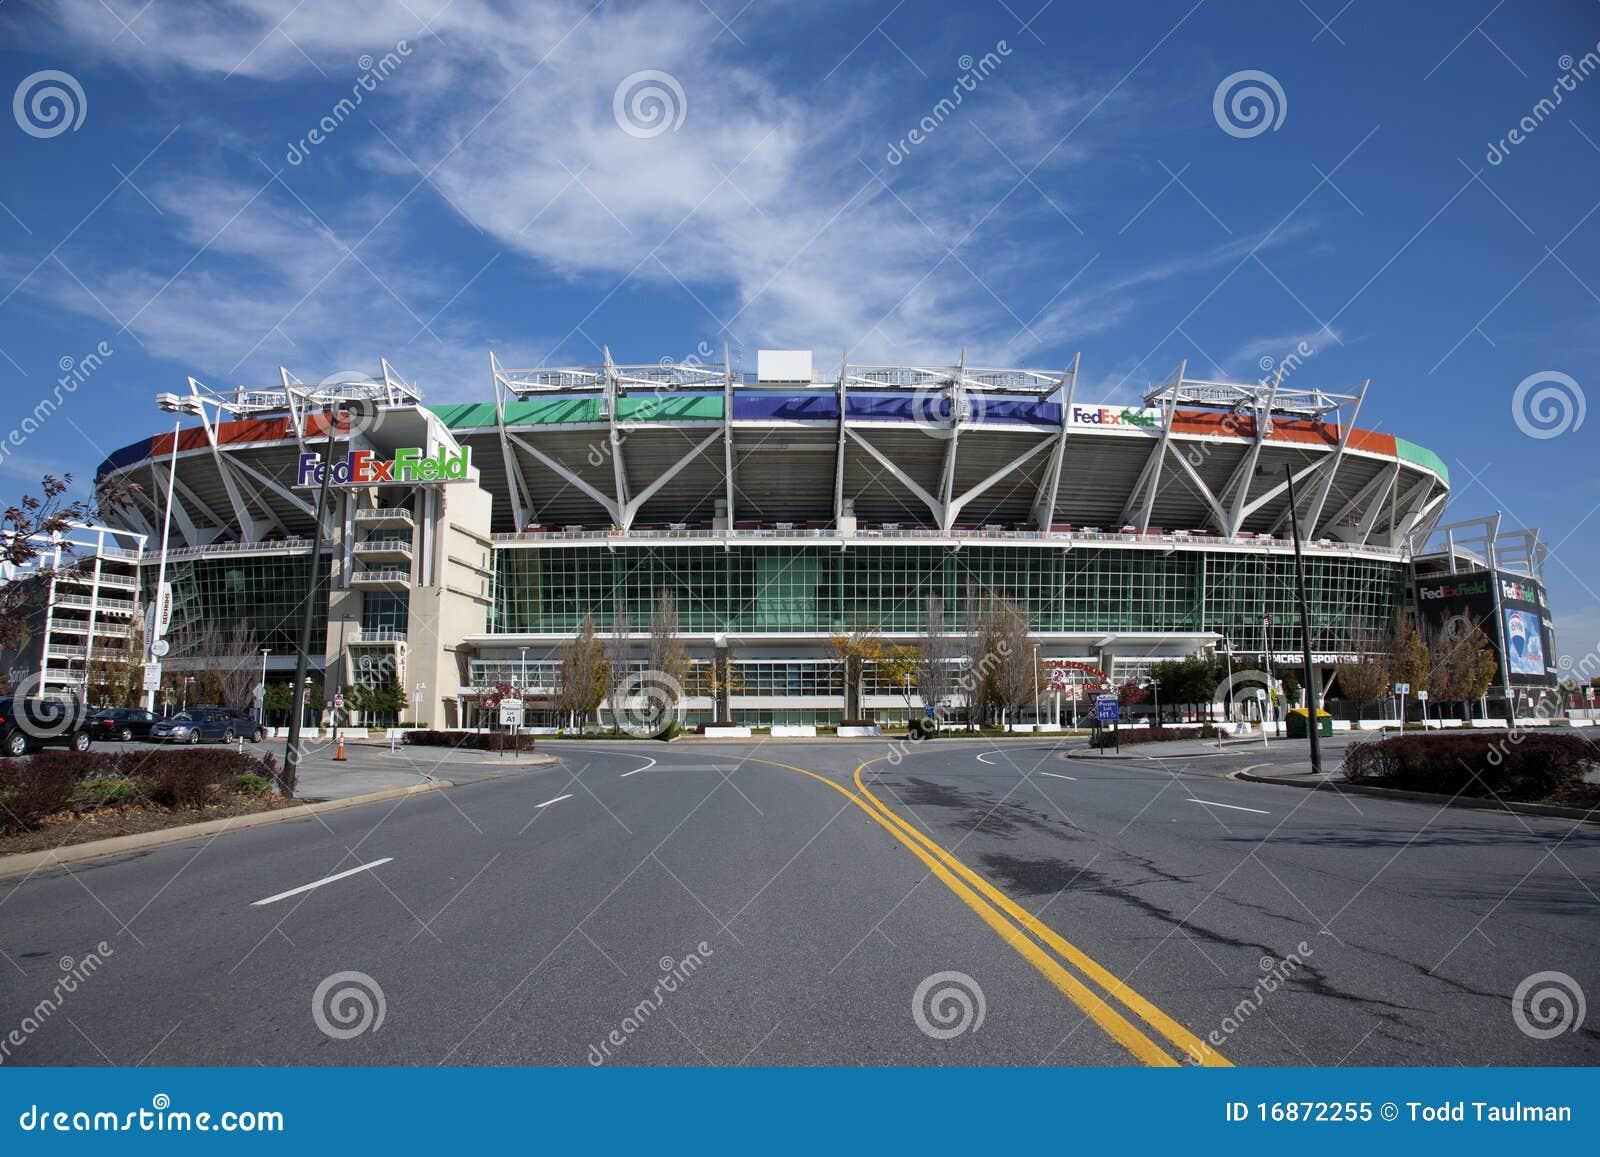 Campo de Federal Express - Redskins de Washington